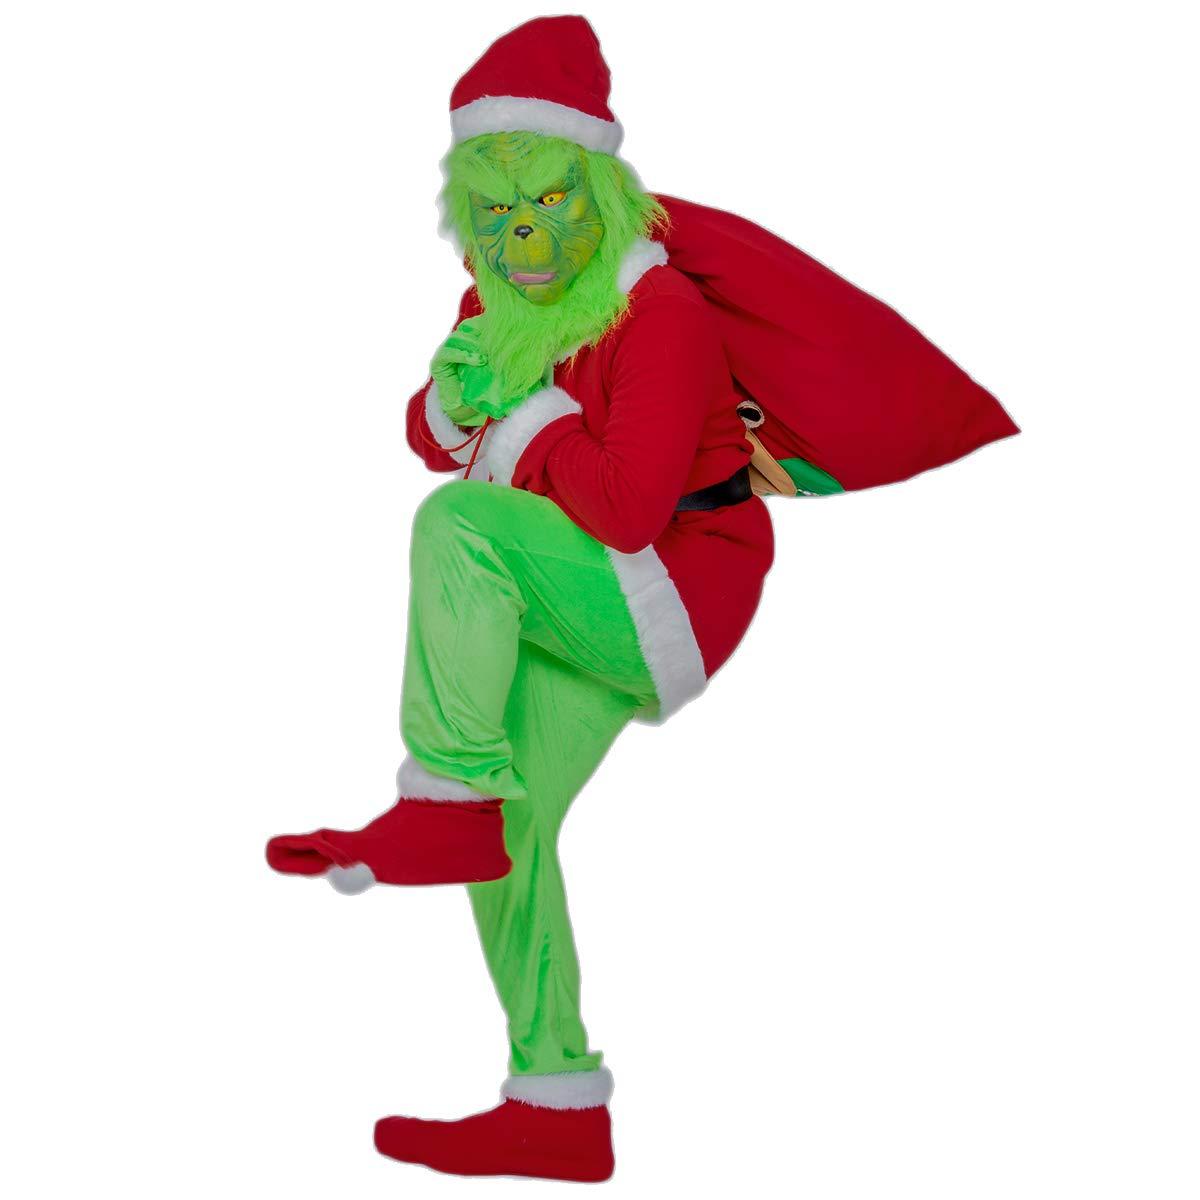 Mesky Grinch Disfraz para Carnaval Costume con Máscara Traje Especial en Fiestas Representación de Año Nuevo 2019: Amazon.es: Ropa y accesorios